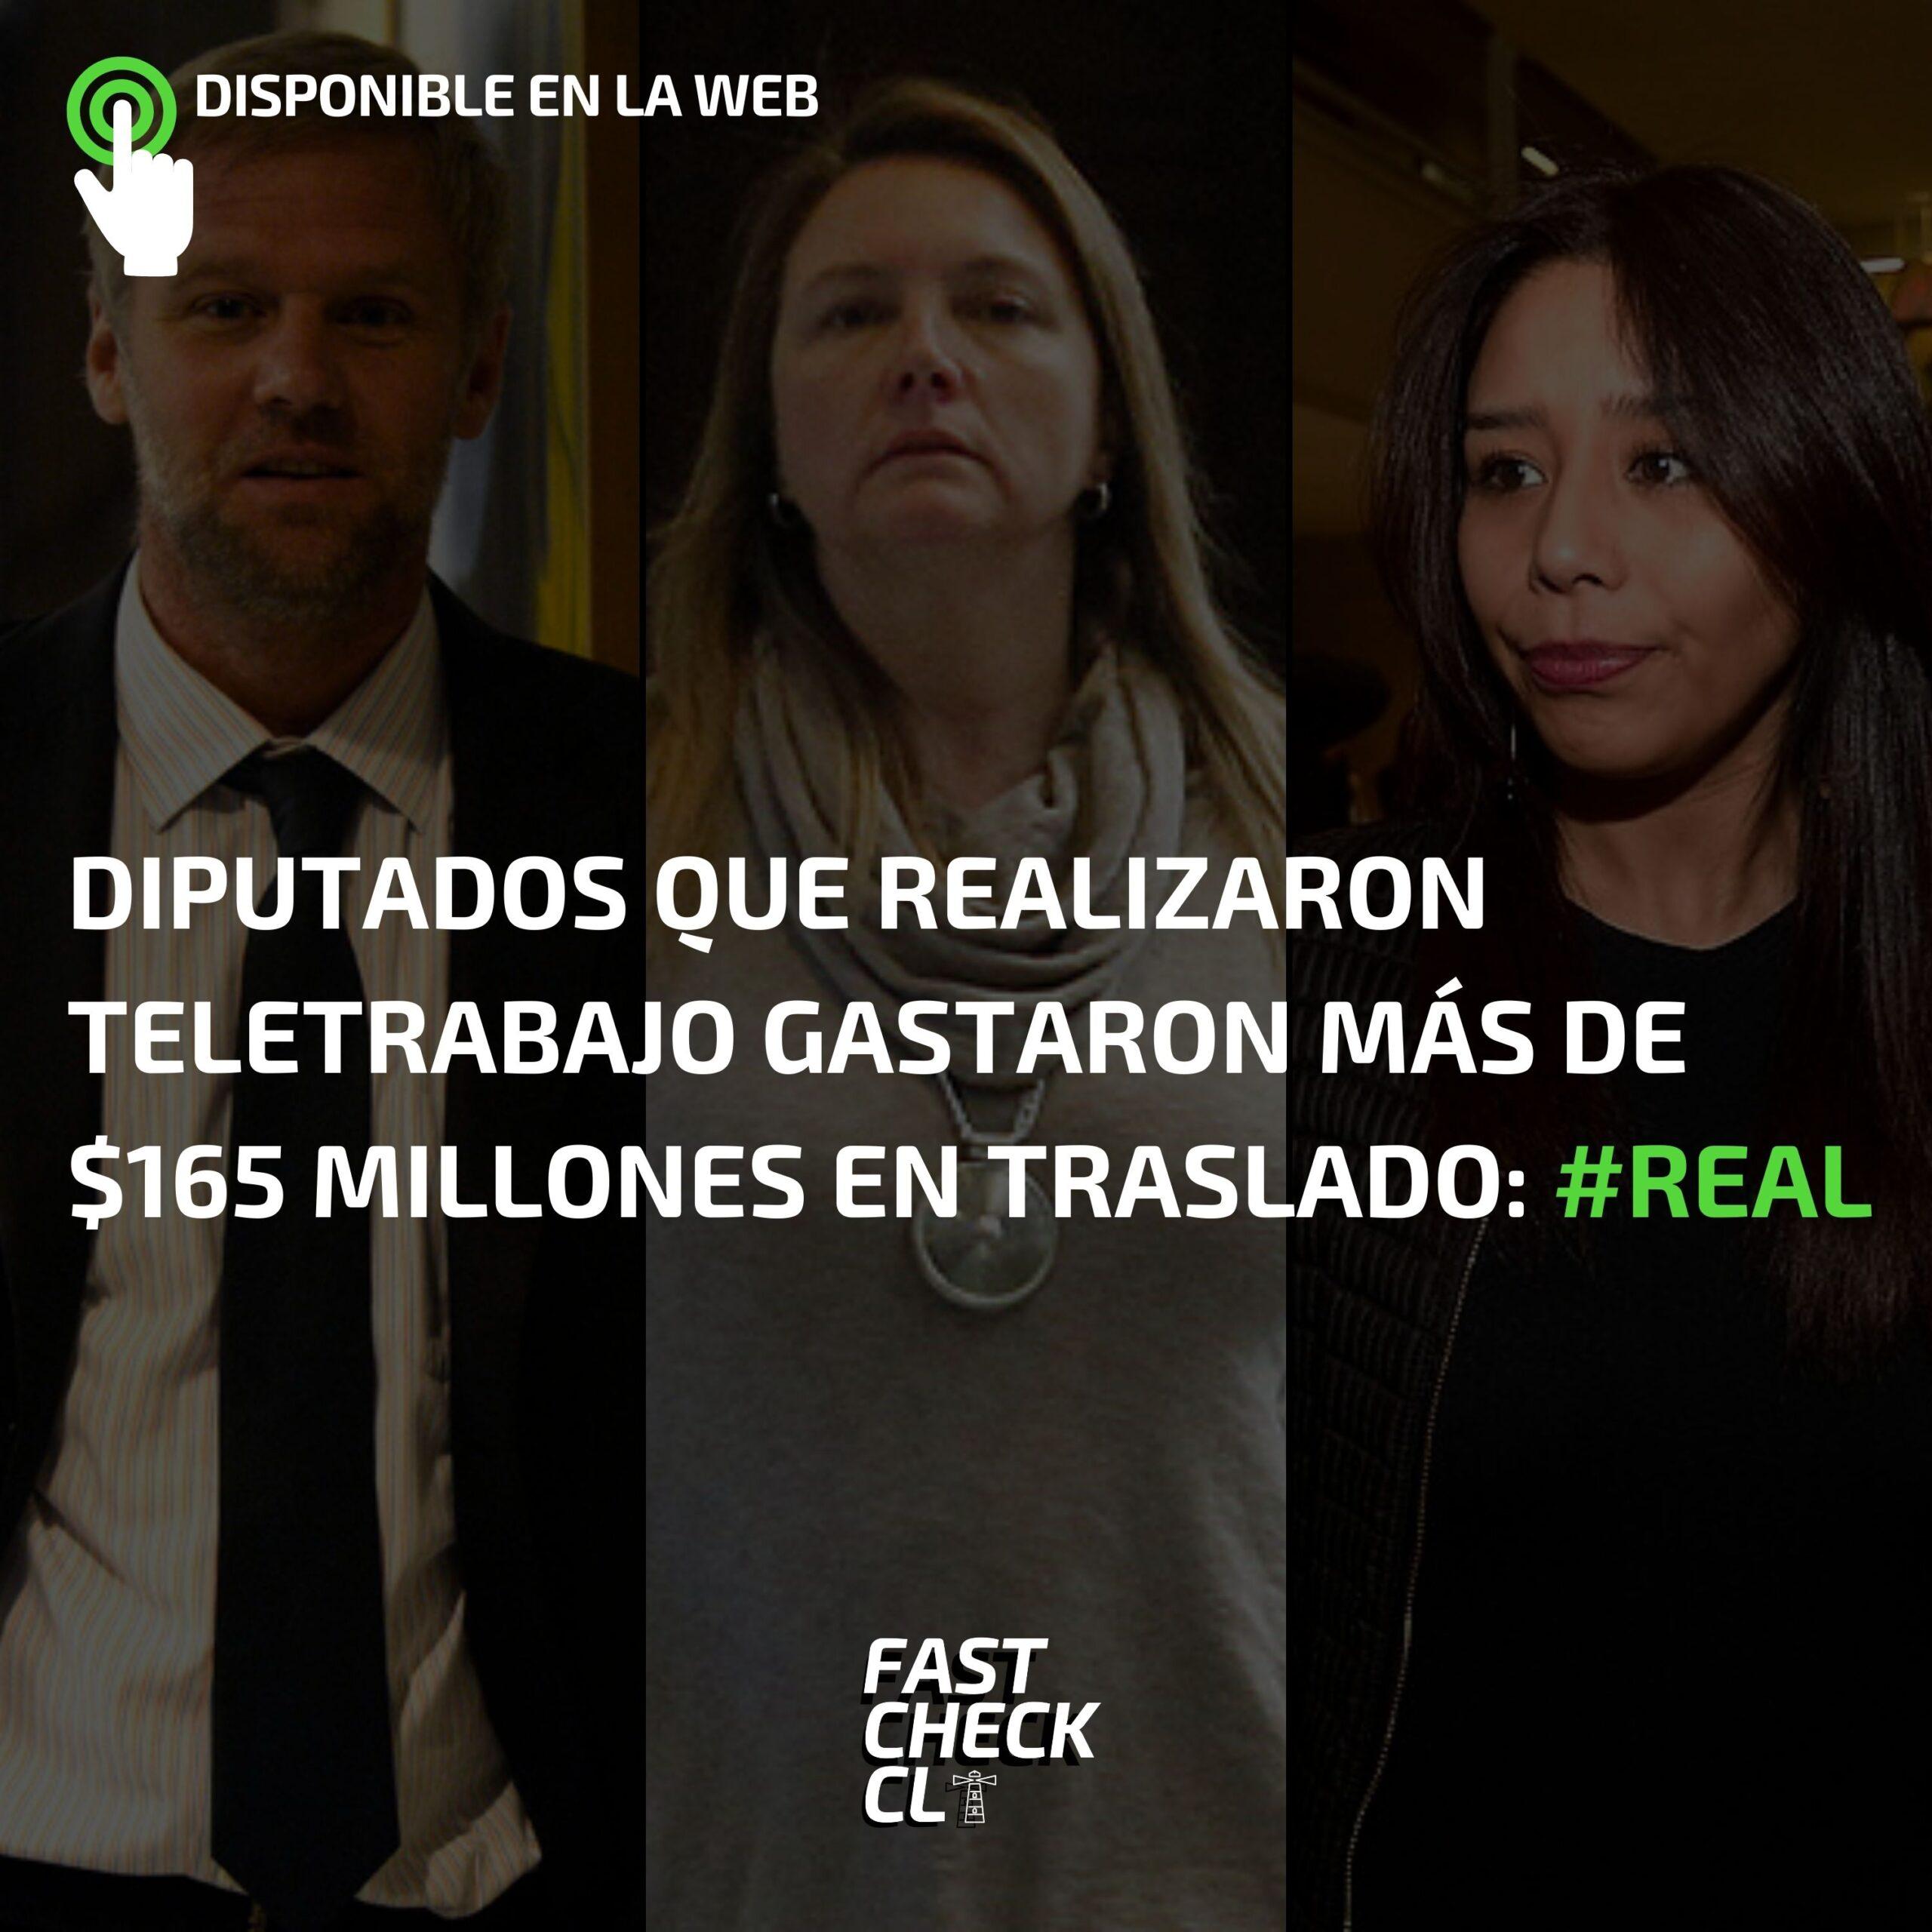 Diputados que realizaron teletrabajo gastaron más de $165 millones en traslado: #Real